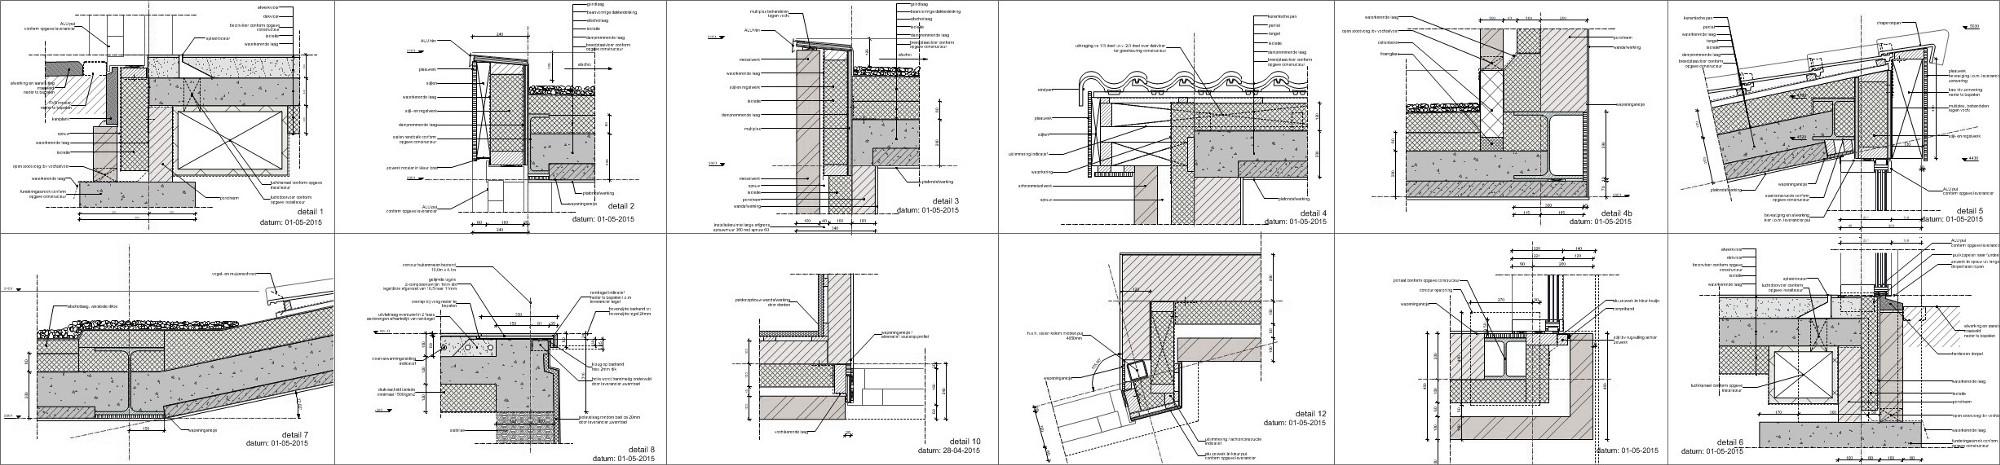 detailserie - BEELEN CS architecten Eindhoven